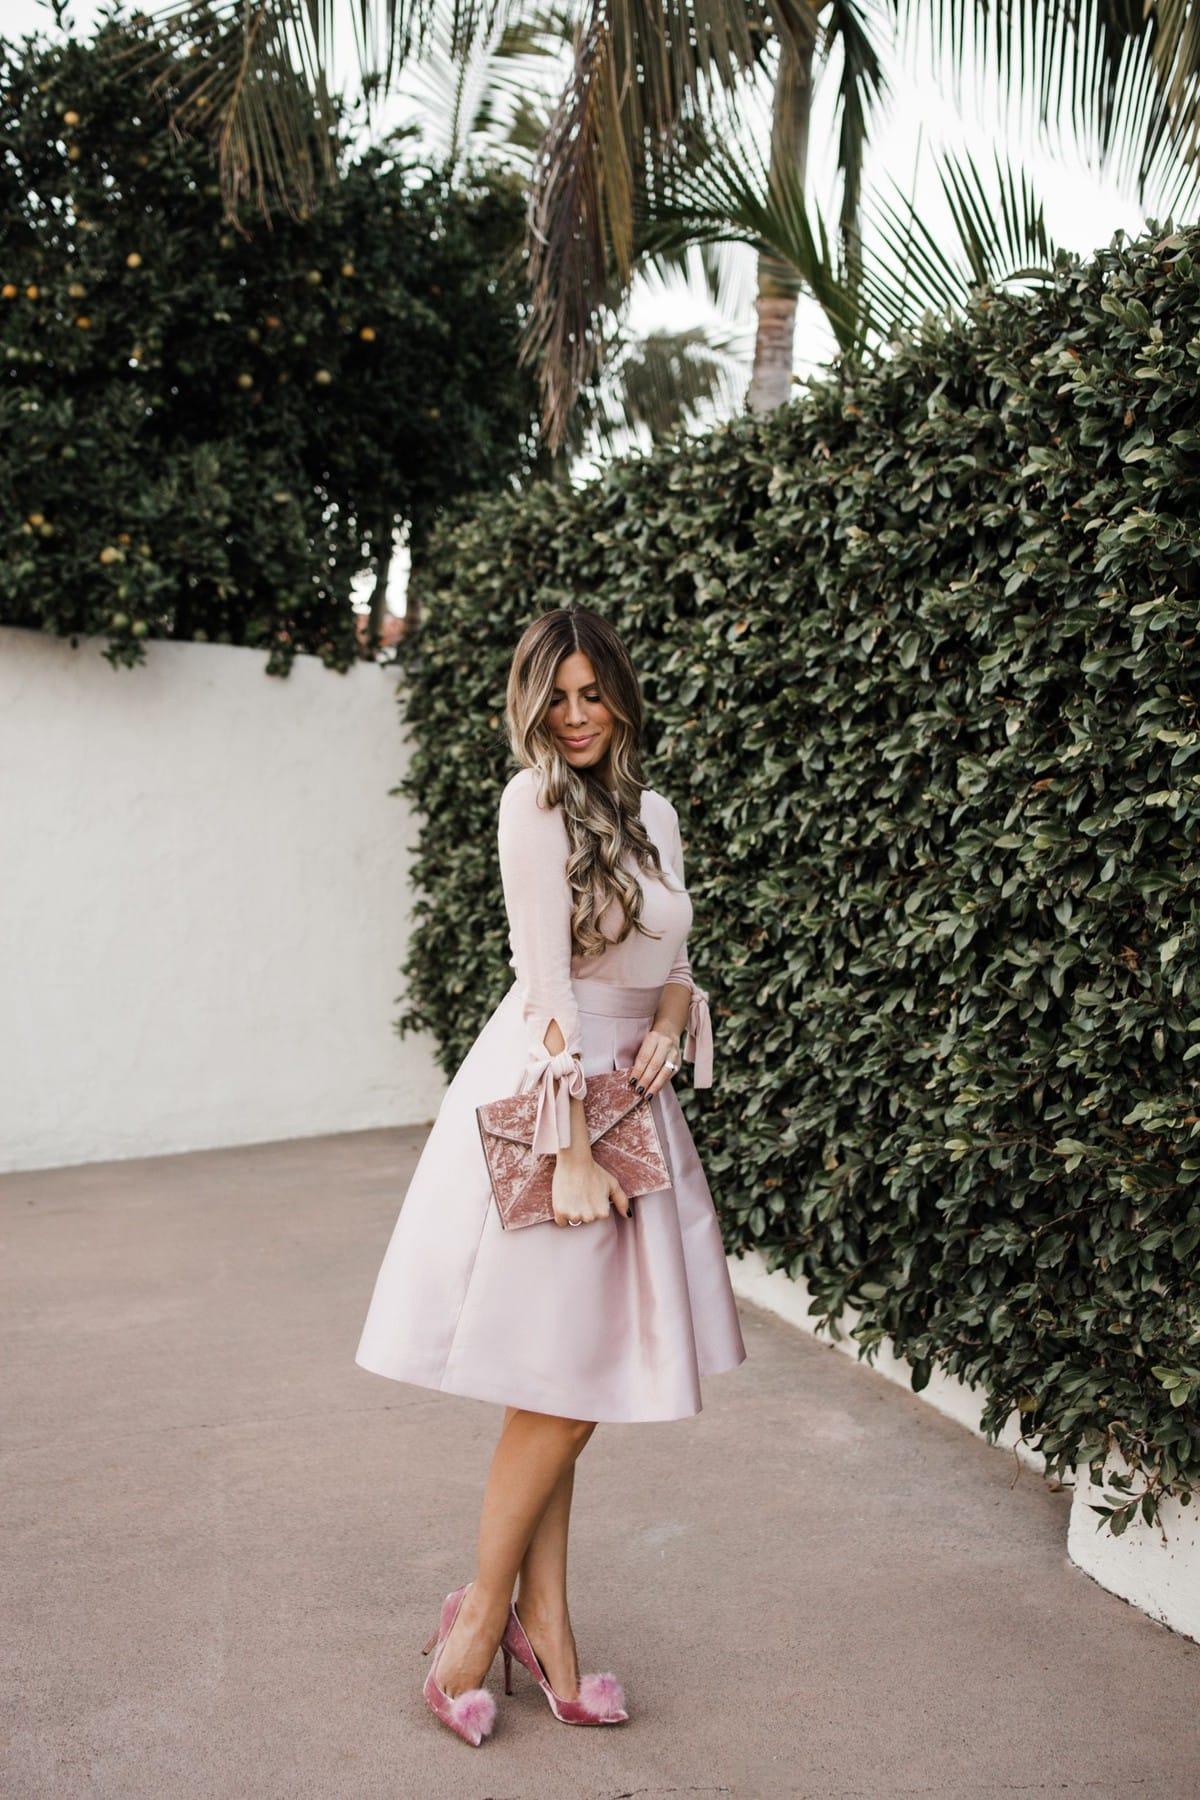 Blush skirt